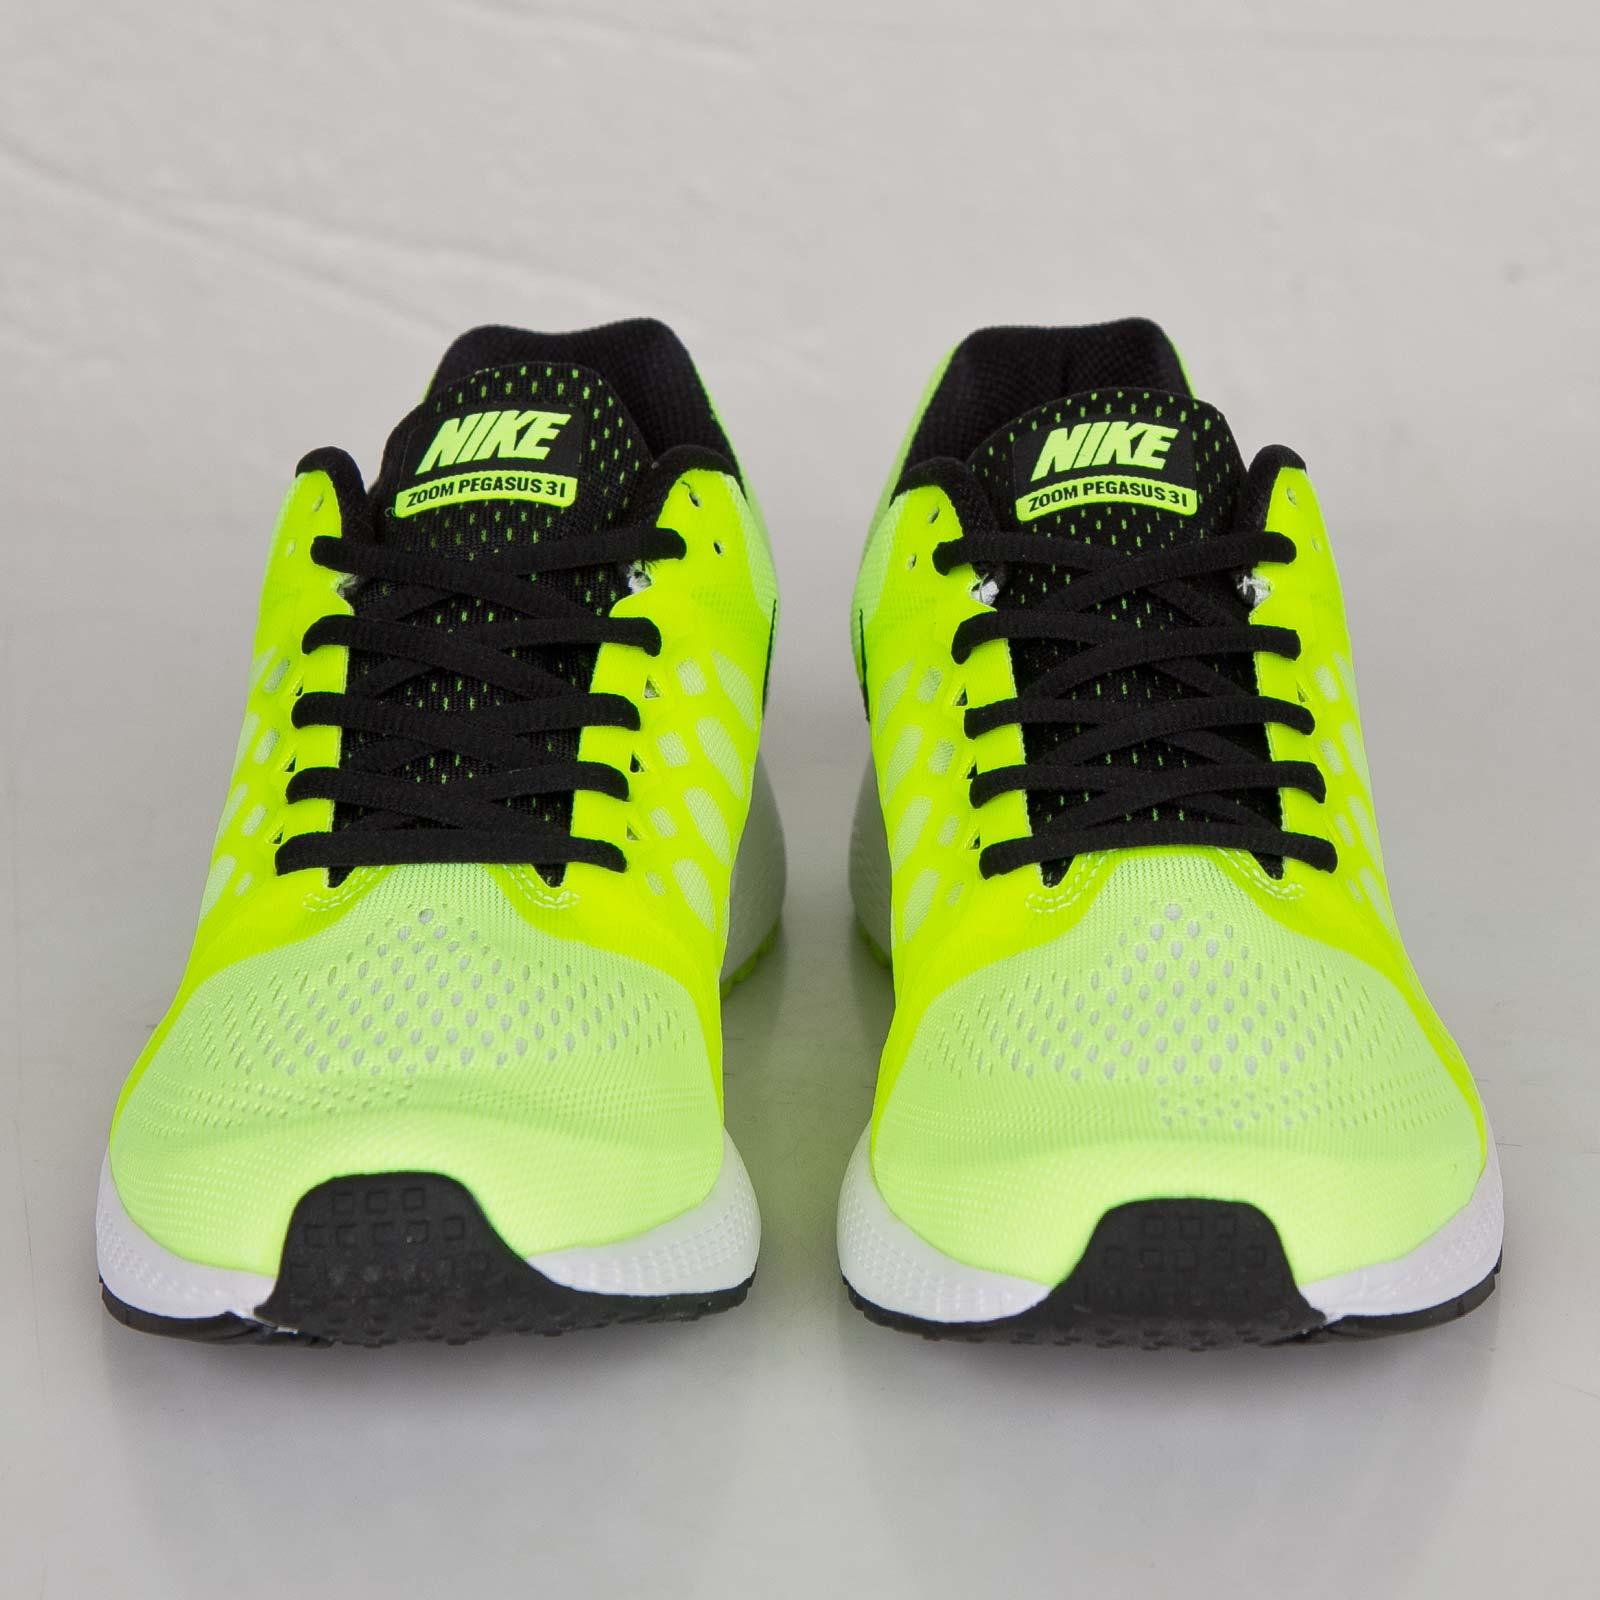 san francisco daa28 7b821 Nike Air Zoom Pegasus 31 - 652925-701 - Sneakersnstuff   sneakers    streetwear online since 1999